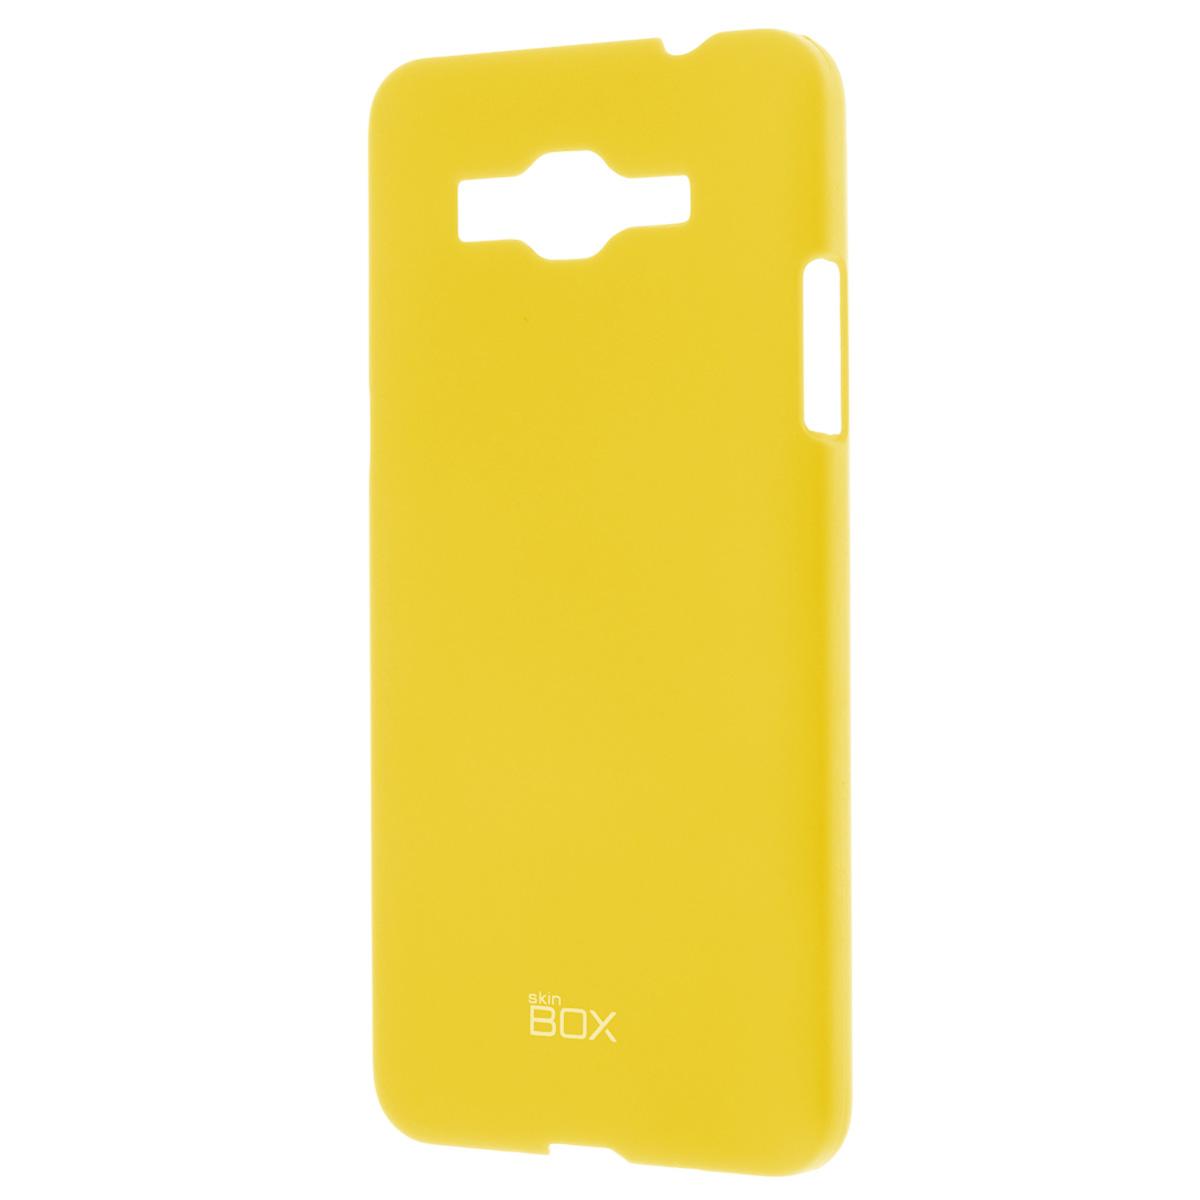 Skinbox Shield 4People чехол для Samsung Galaxy Grand Prime, YellowT-S-SG530-002Чехол Skinbox Shield 4People для Samsung Galaxy Grand Prime предназначен для защиты корпуса смартфона от механических повреждений и царапин в процессе эксплуатации. Имеется свободный доступ ко всем разъемам и кнопкам устройства. В комплект также входит защитная пленка на экран телефона.